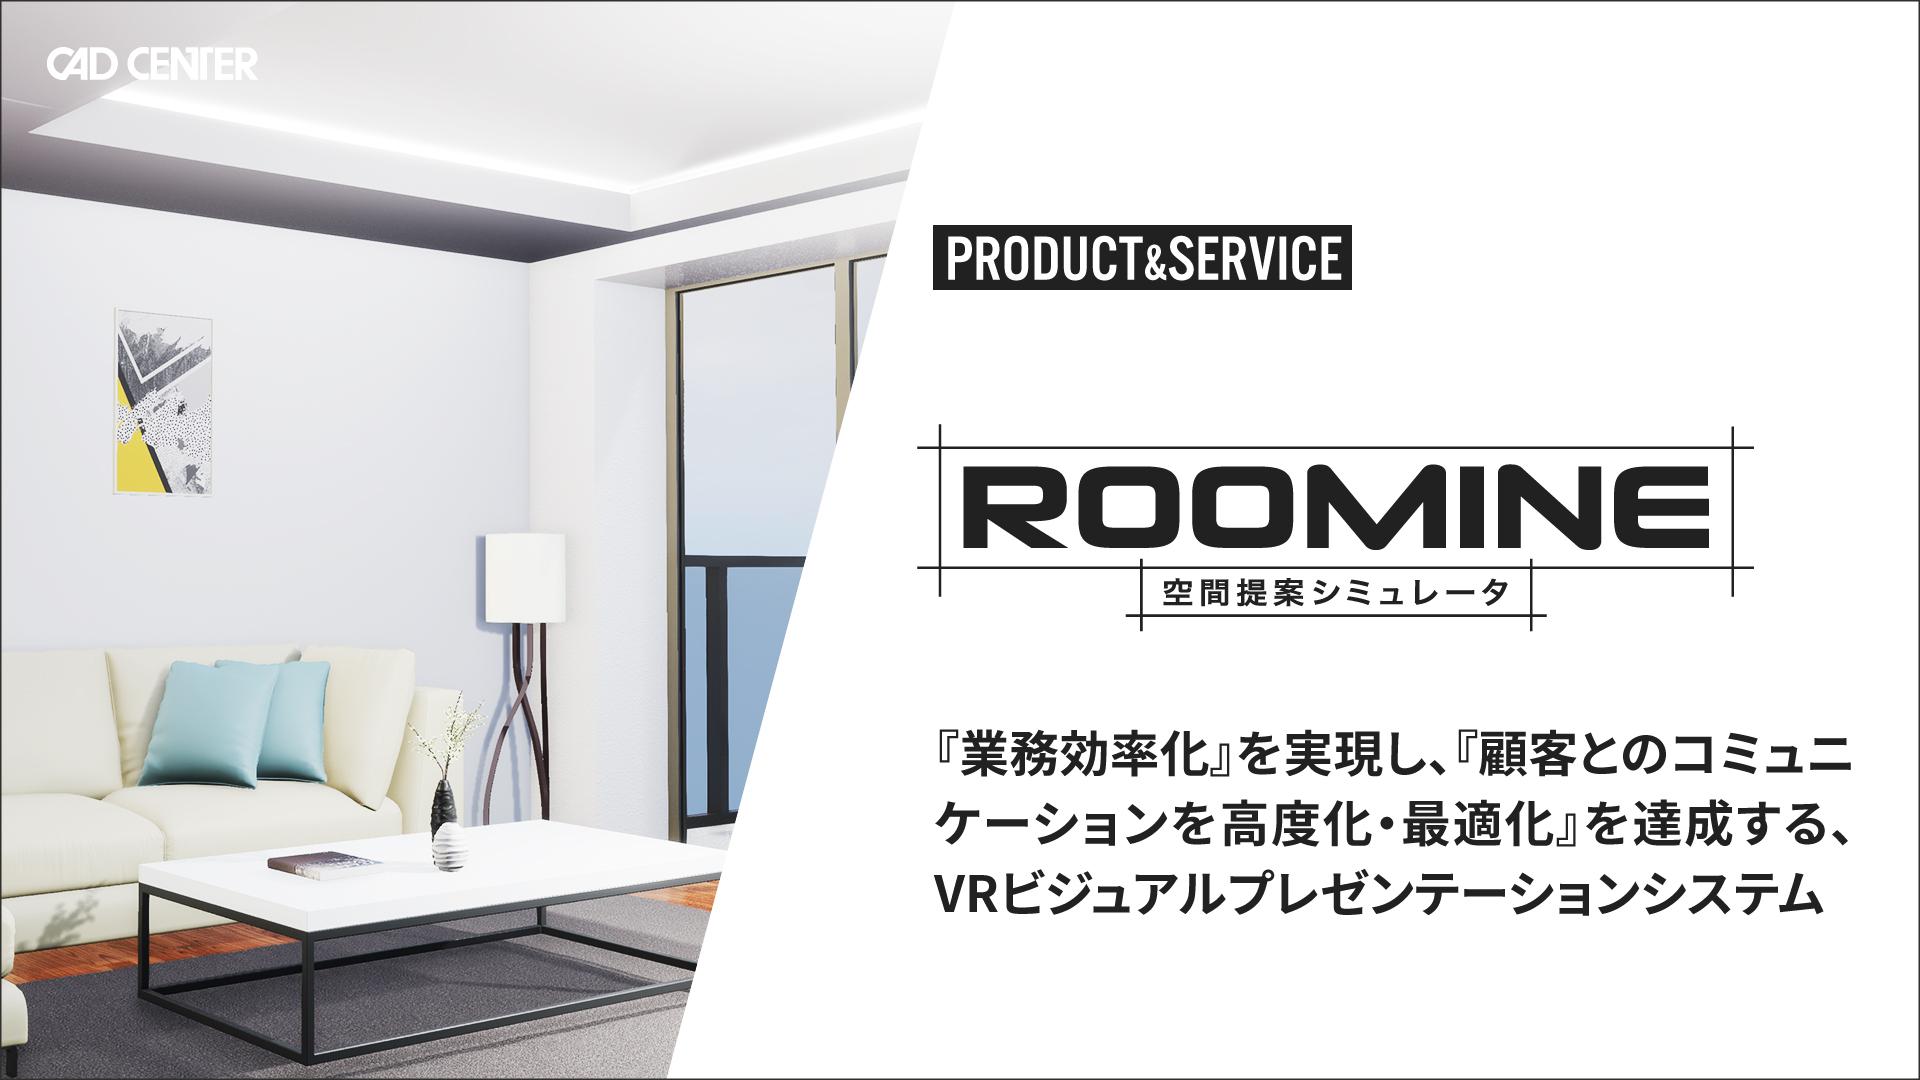 住宅物件のVRプレゼンテーションシステム「ROOMINE」のサービス紹介です。